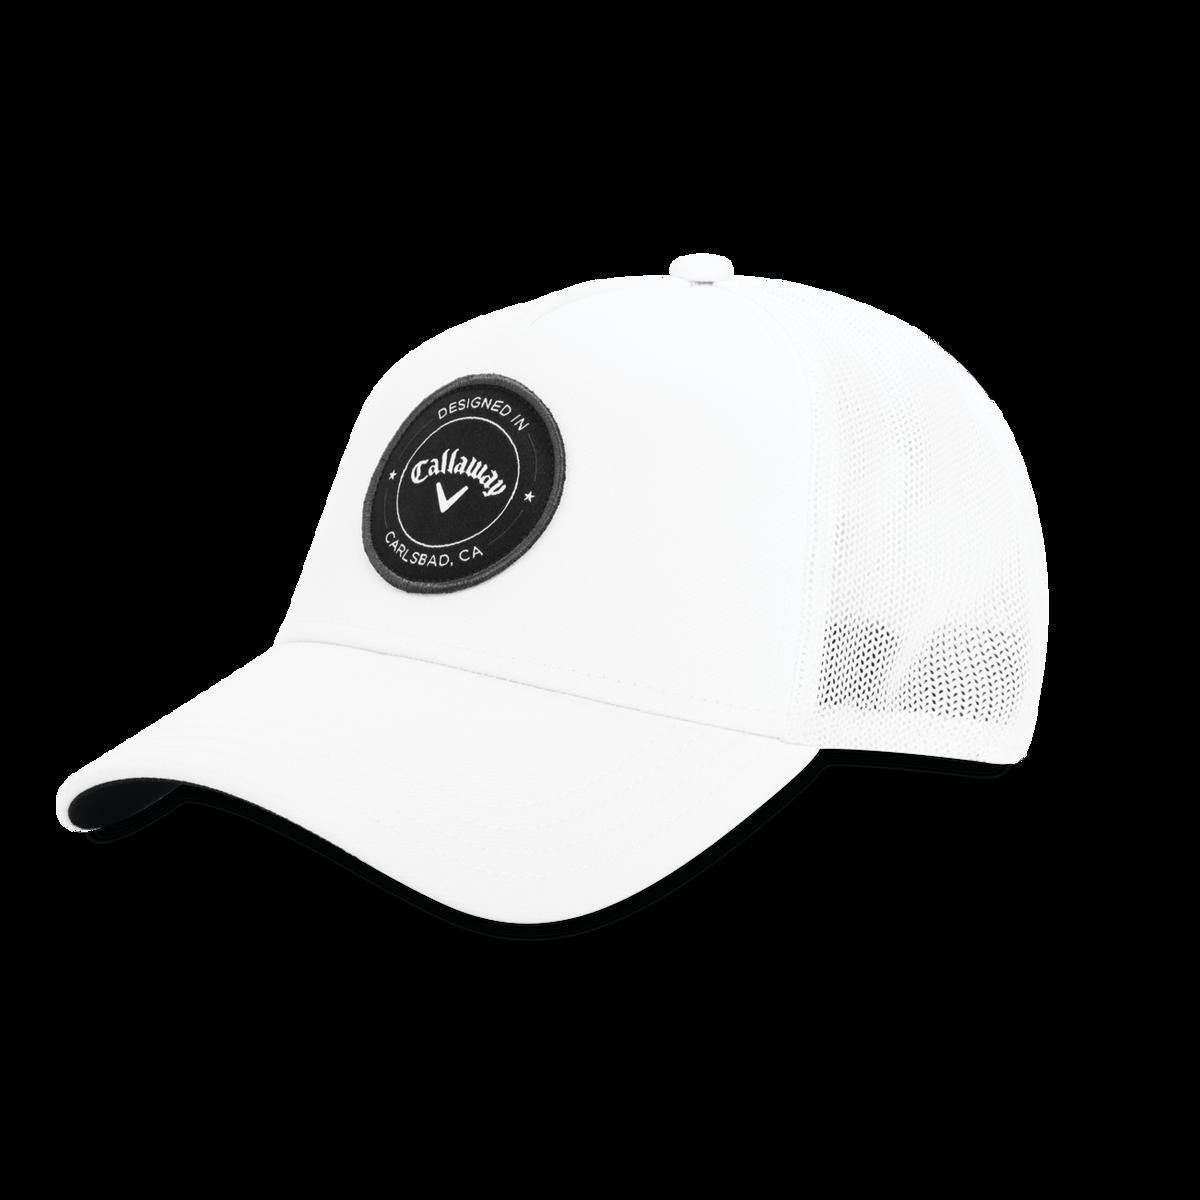 ccc4d5b87 Trucker Hat